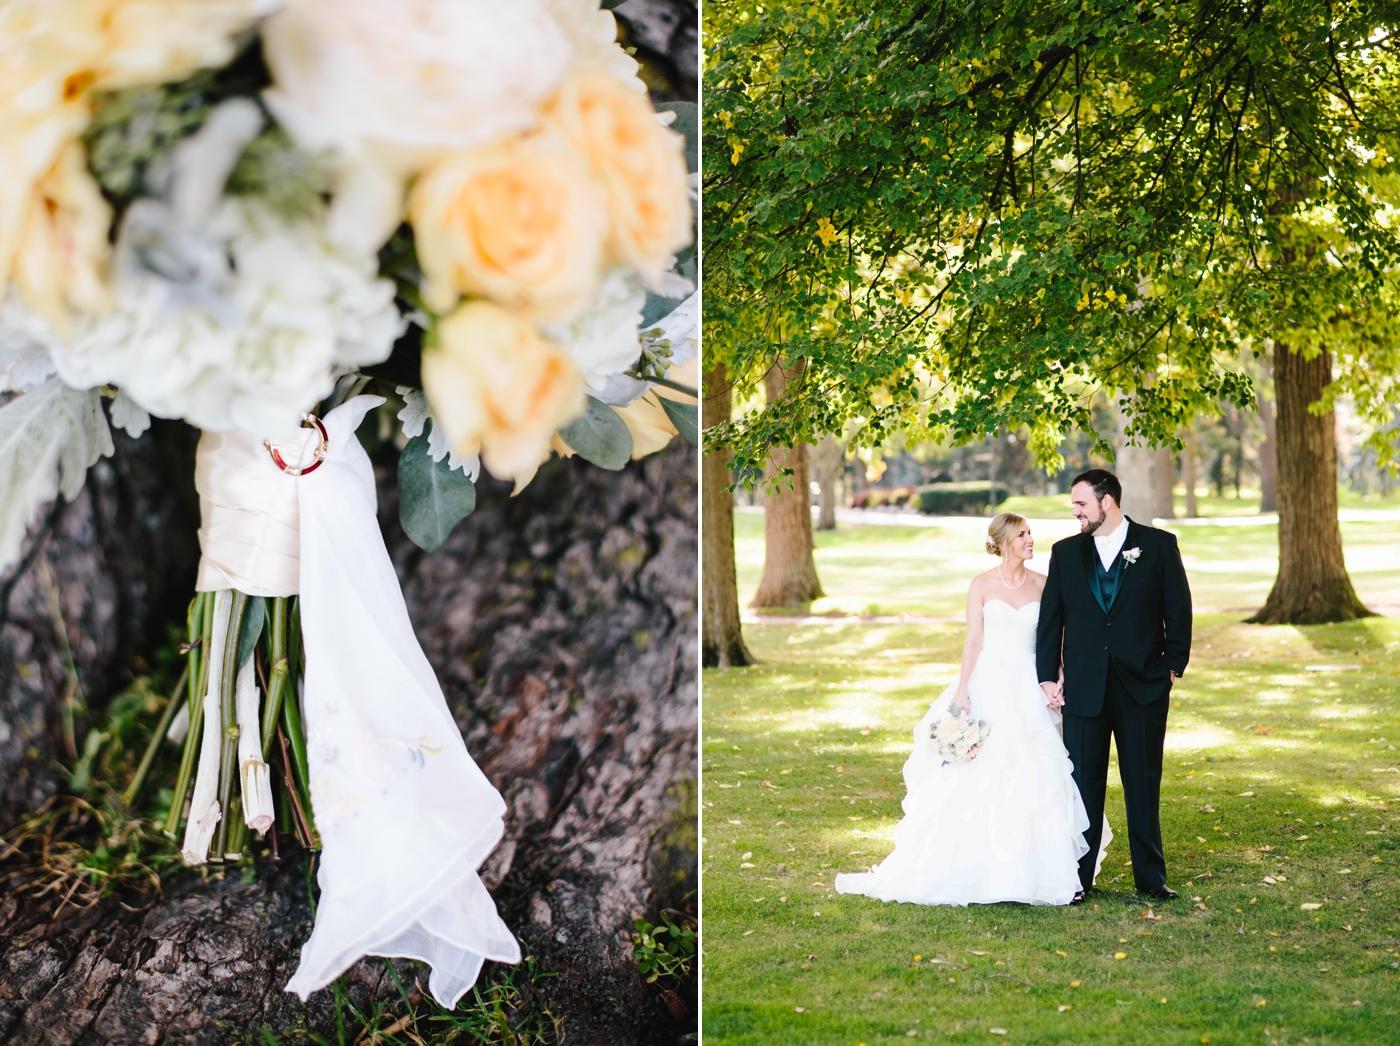 chicago-fine-art-wedding-photography-deiters13